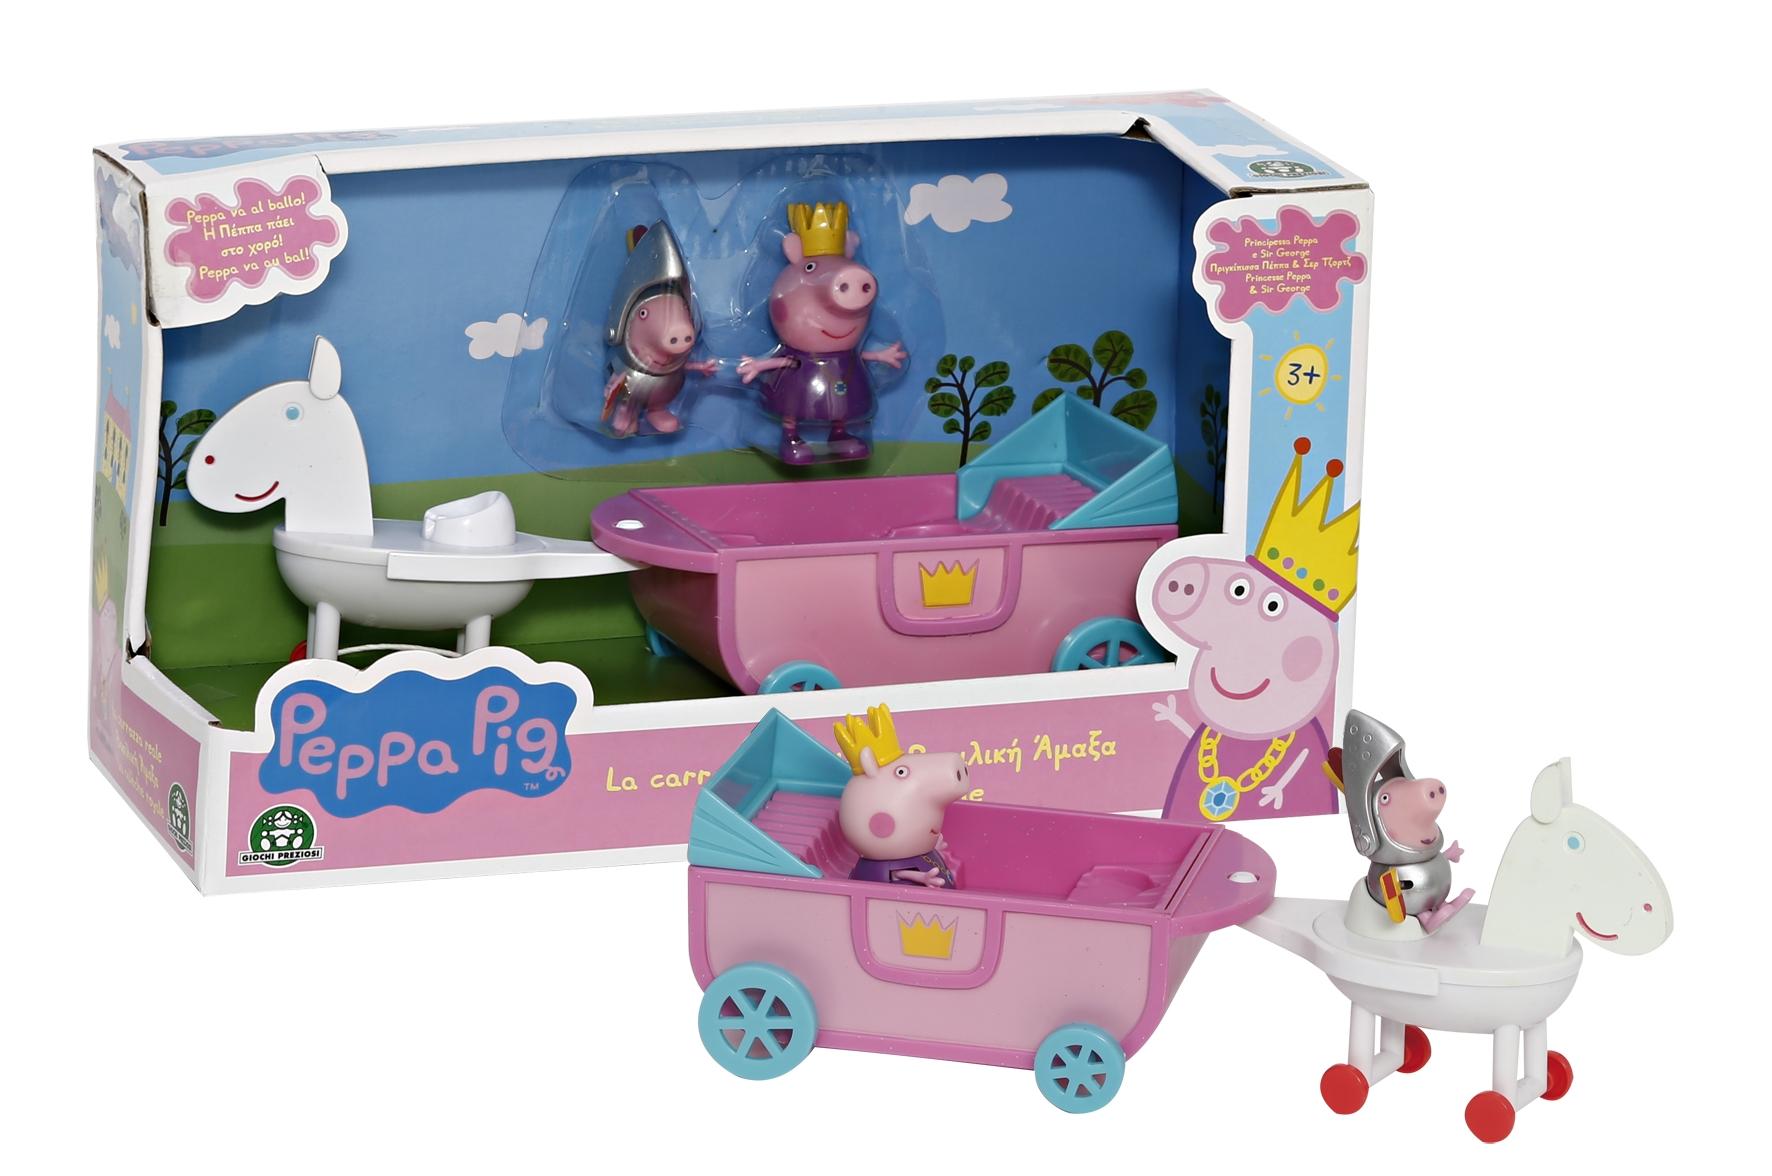 Peppa pig principessa giocattoli - Giochi di baci sul letto ...